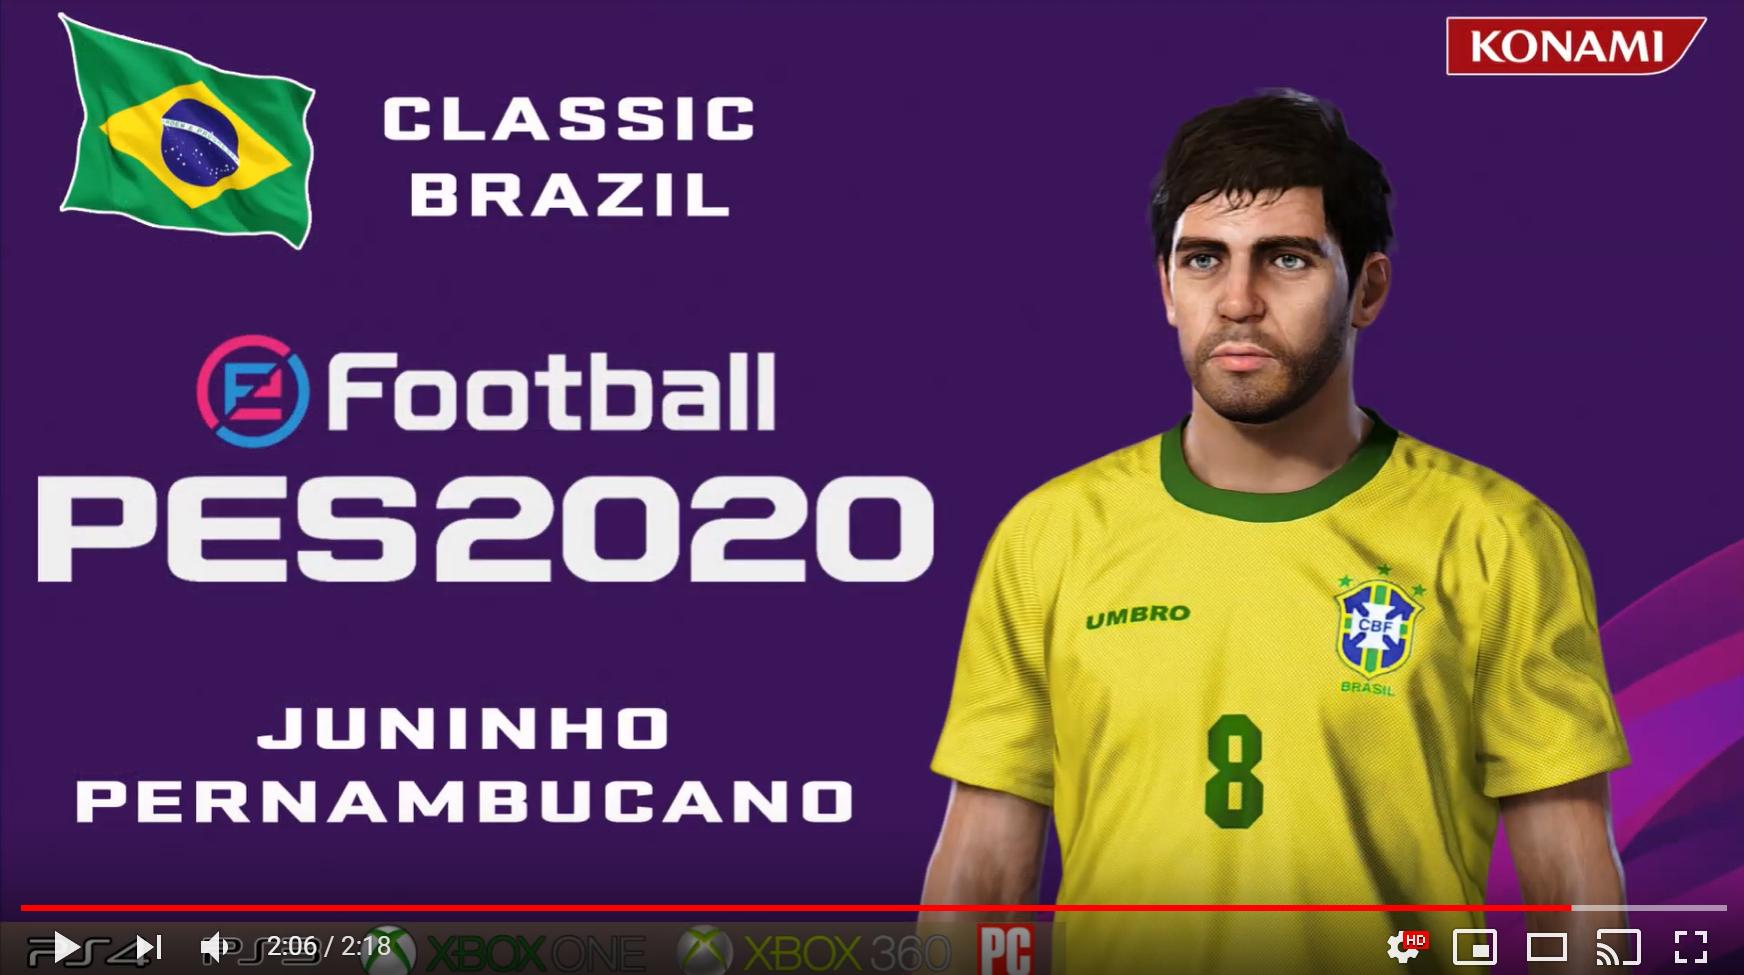 Juninho Pernambucano (face + stats) by Maquiavelo40